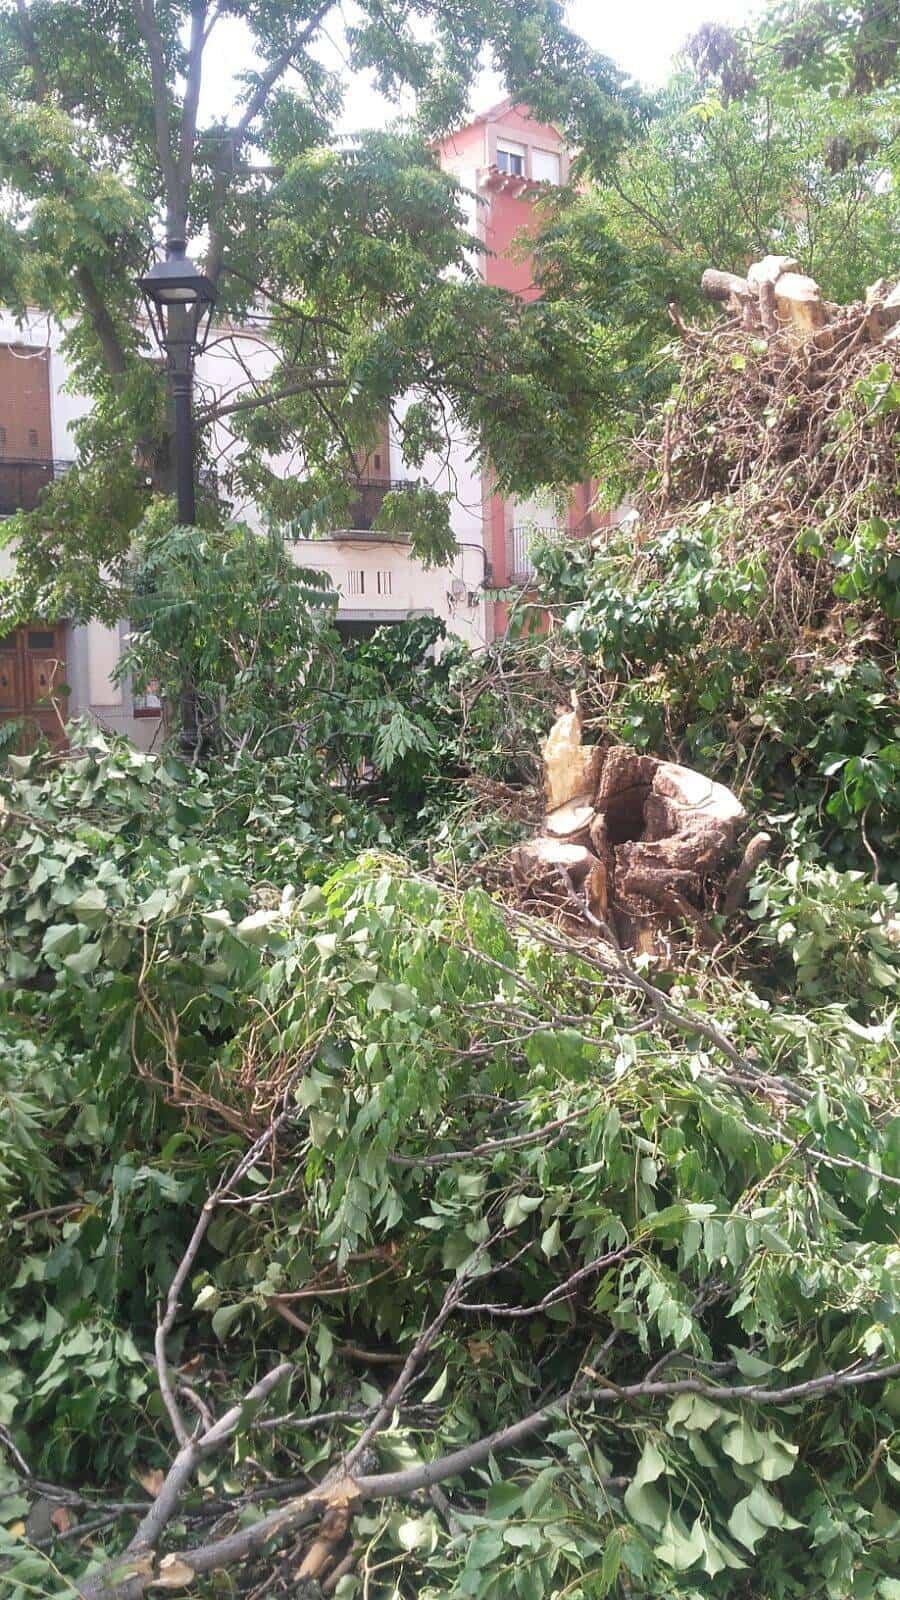 talando arboles plaza cervants herencia 2 - Retirada de árboles de la Plaza Cervantes por seguridad